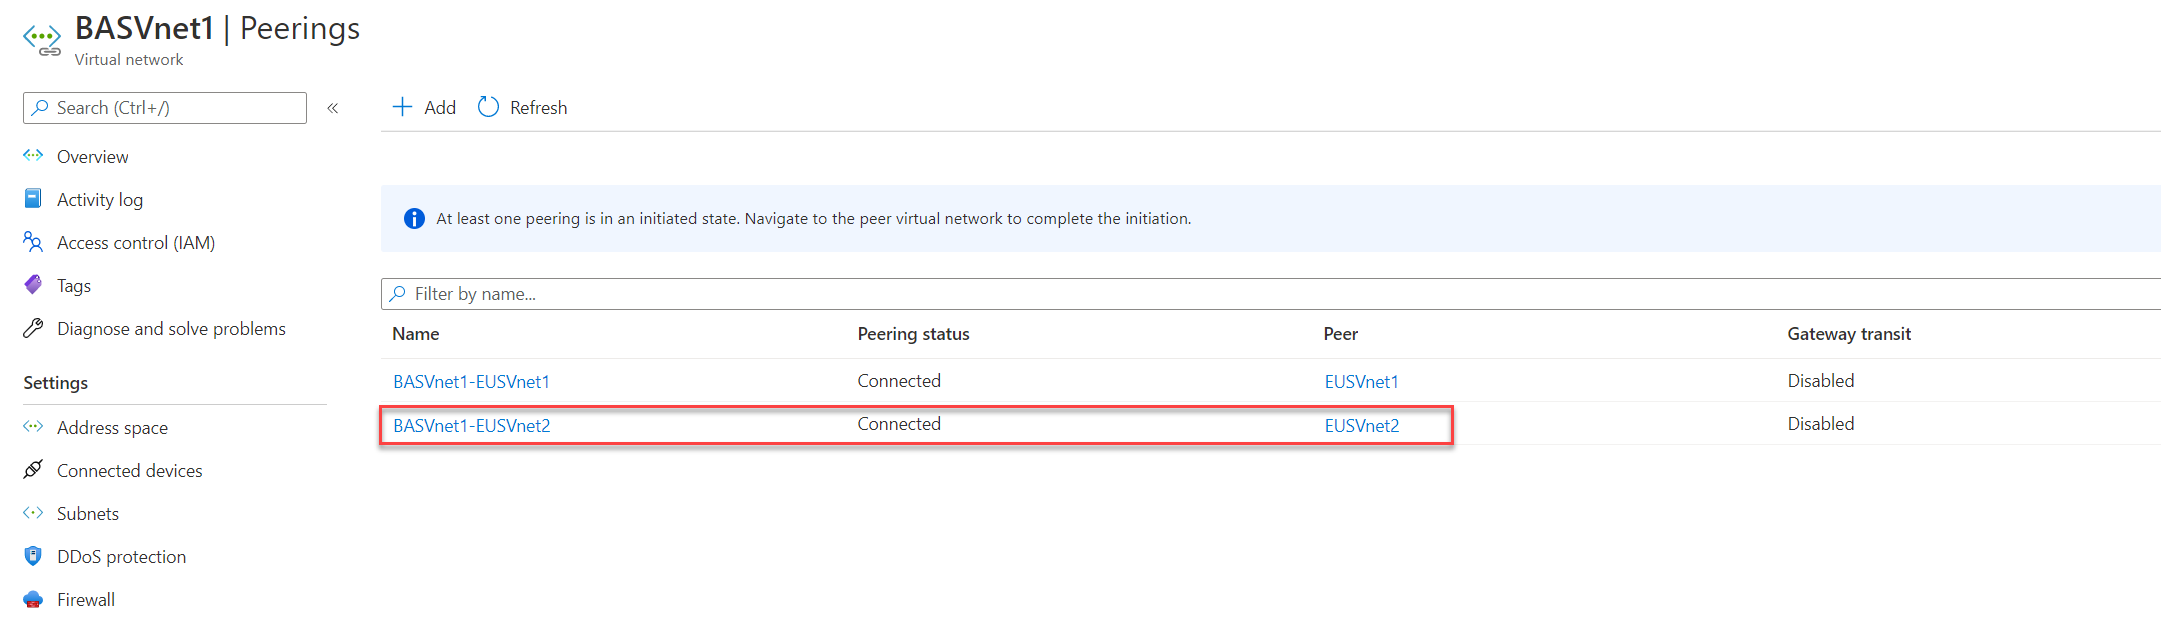 Azure VNet Peering from BASVnet1 to EUSVnet2